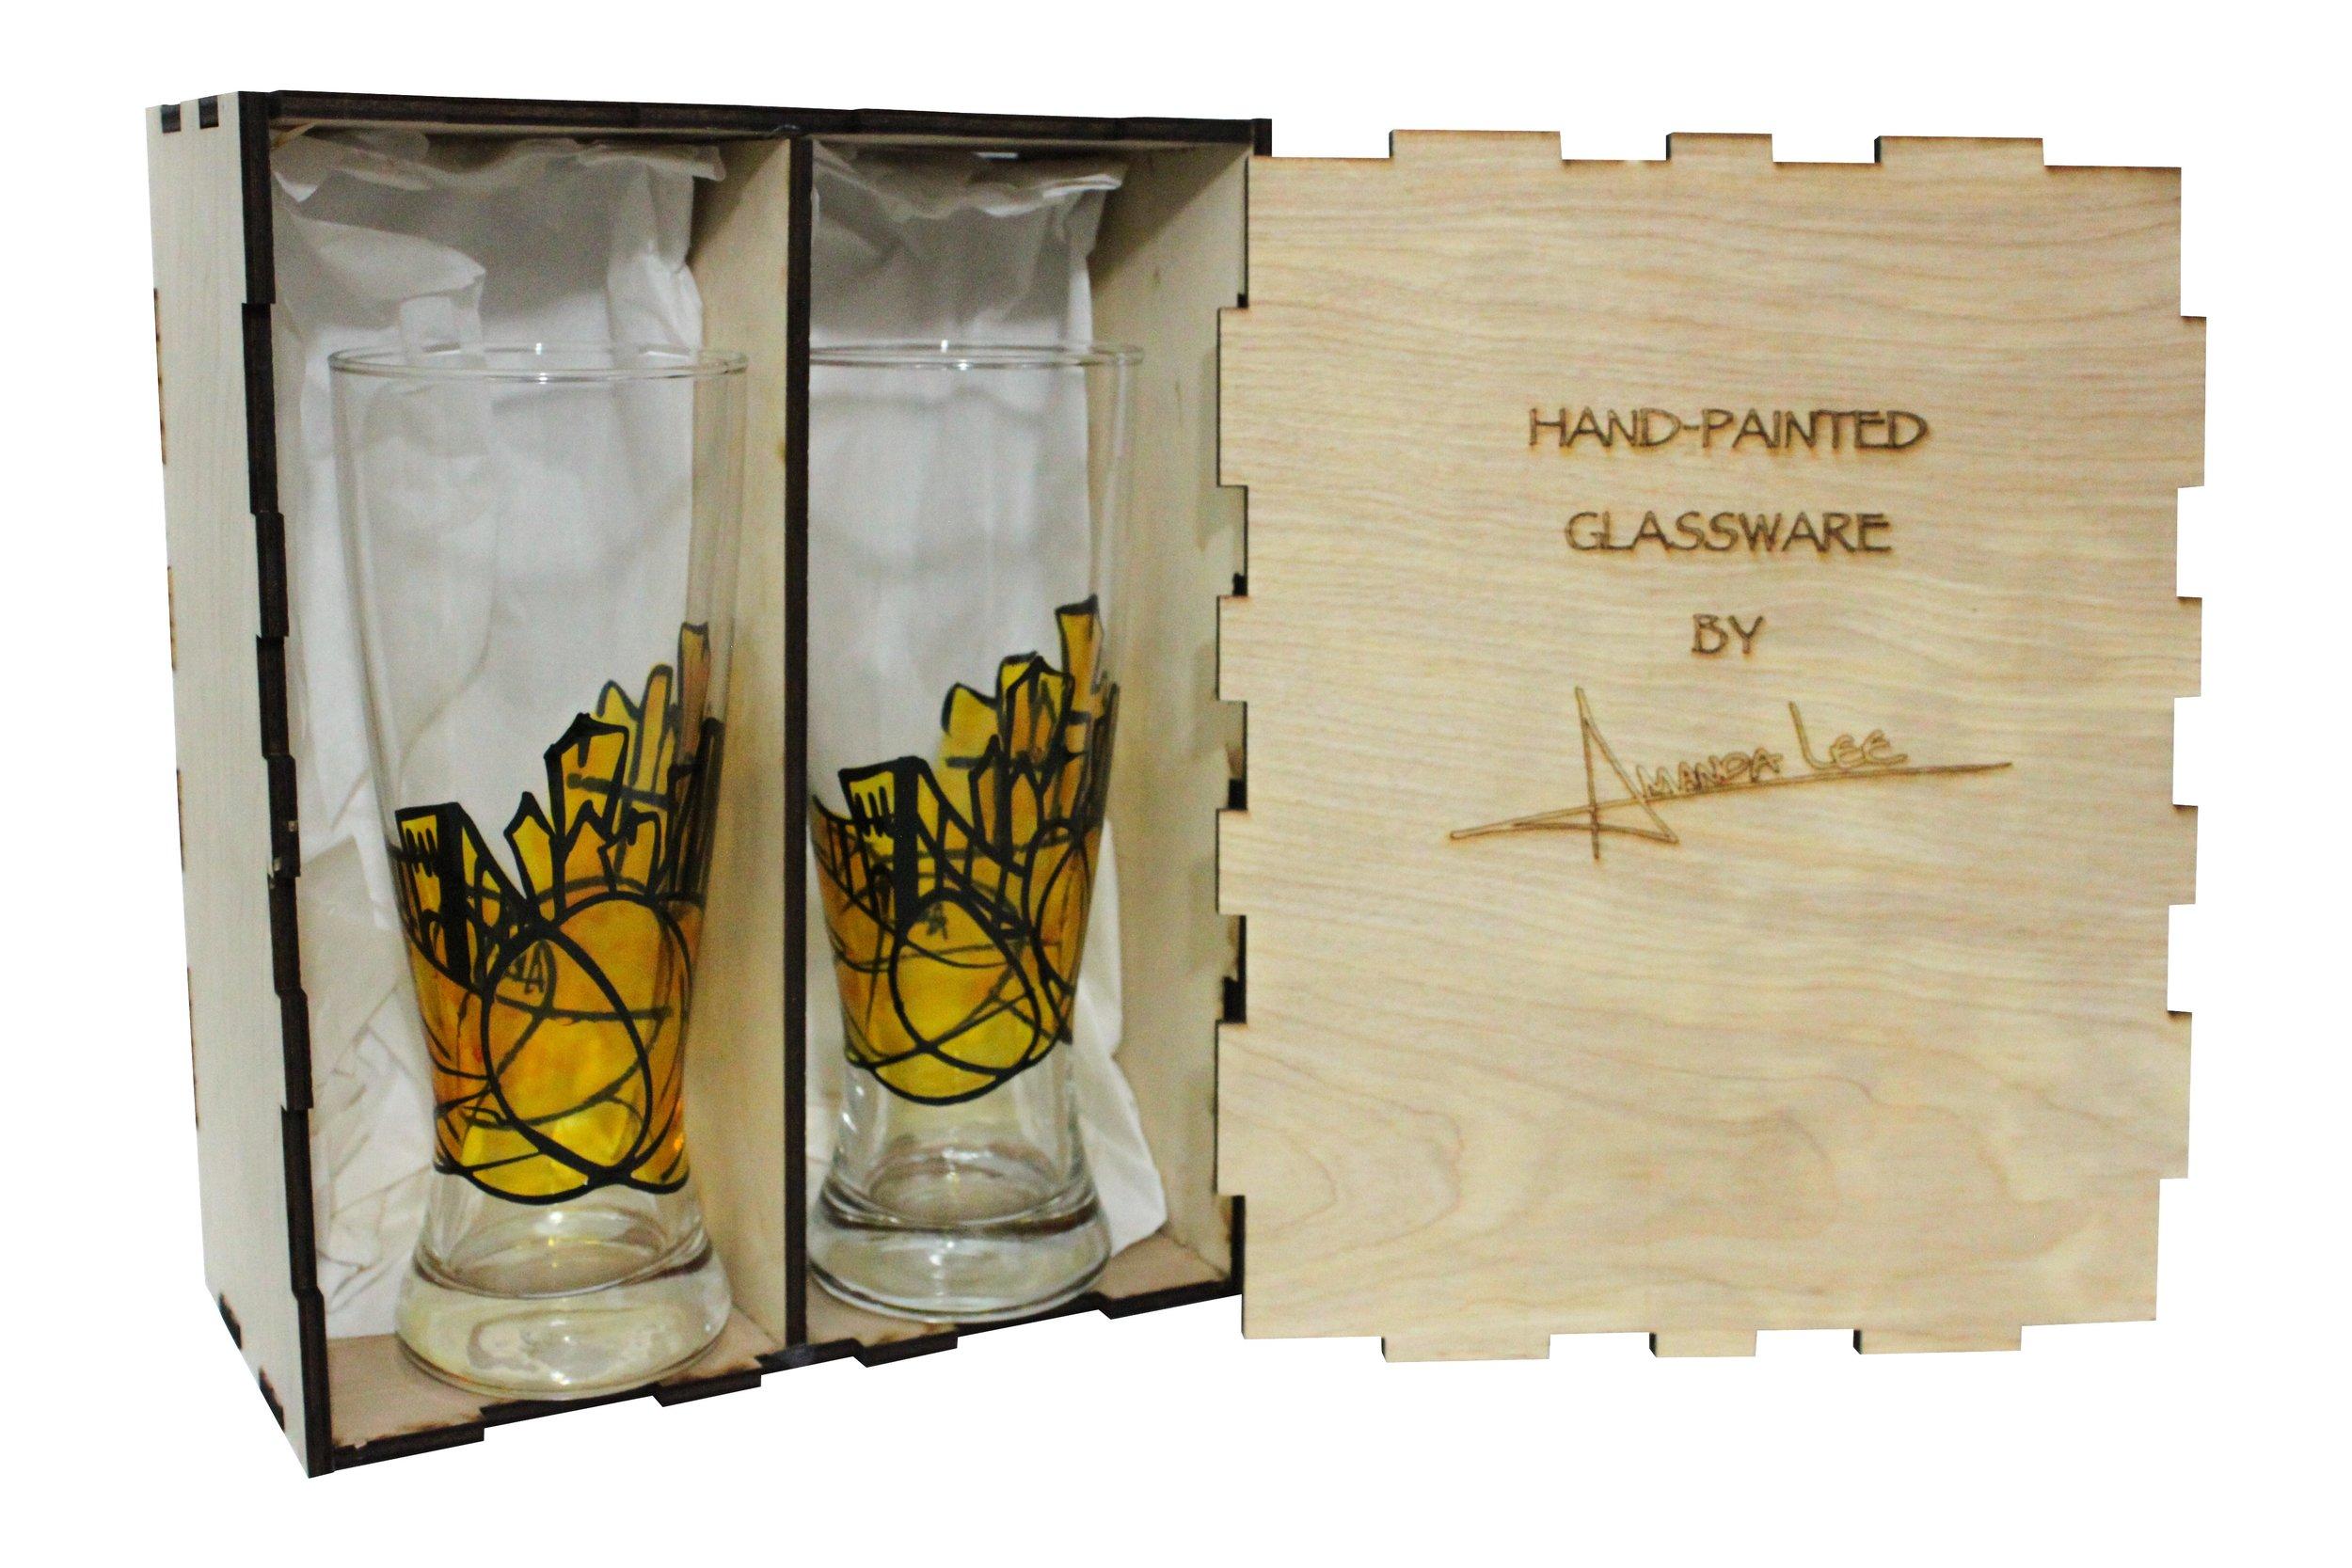 pittsburgh glasses pittsburgh gifts pittsburgh beer glasses.jpg